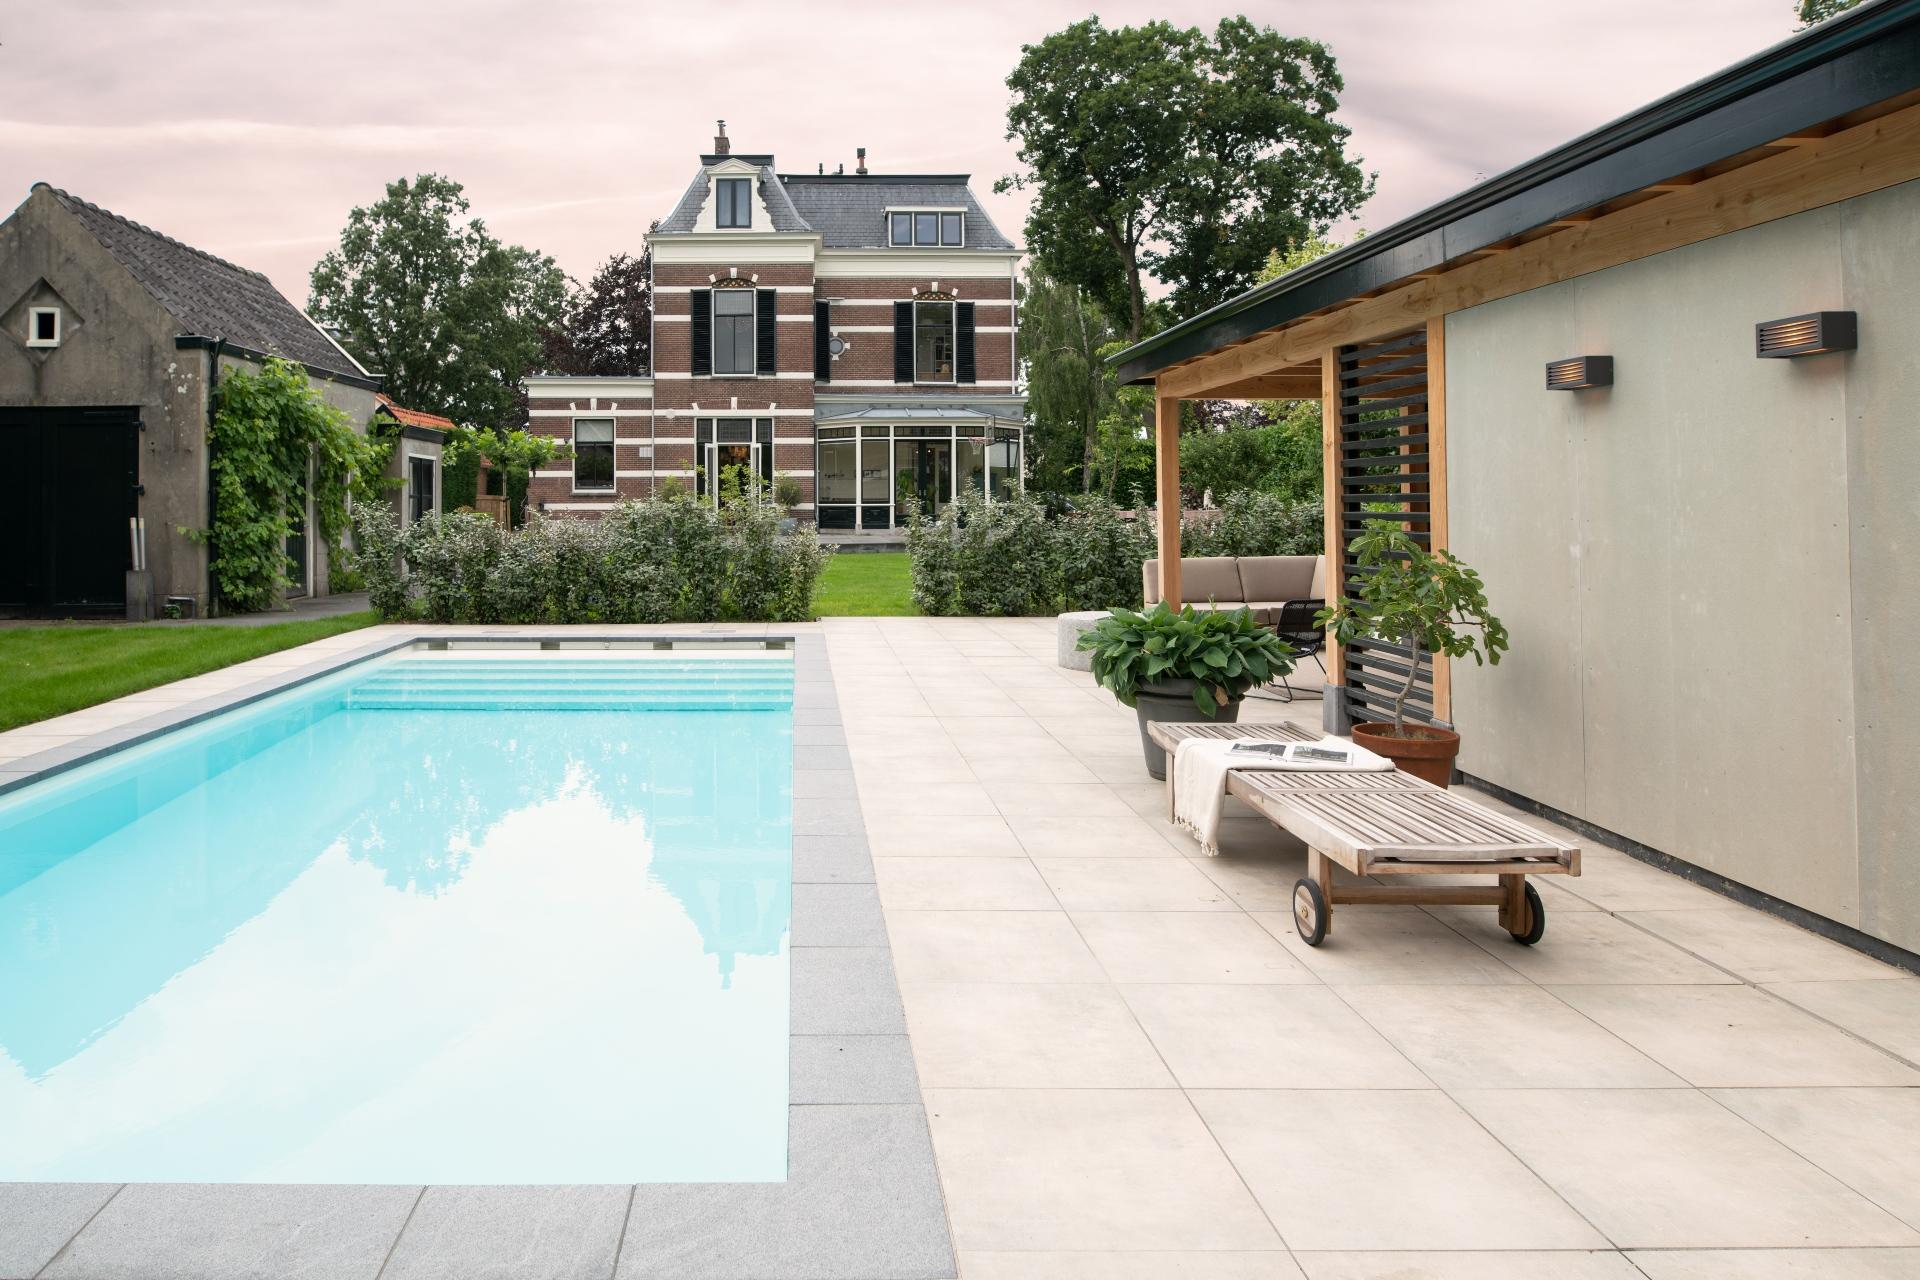 Grote tuin met zwembad Starline 10 meter lang en poolhouse